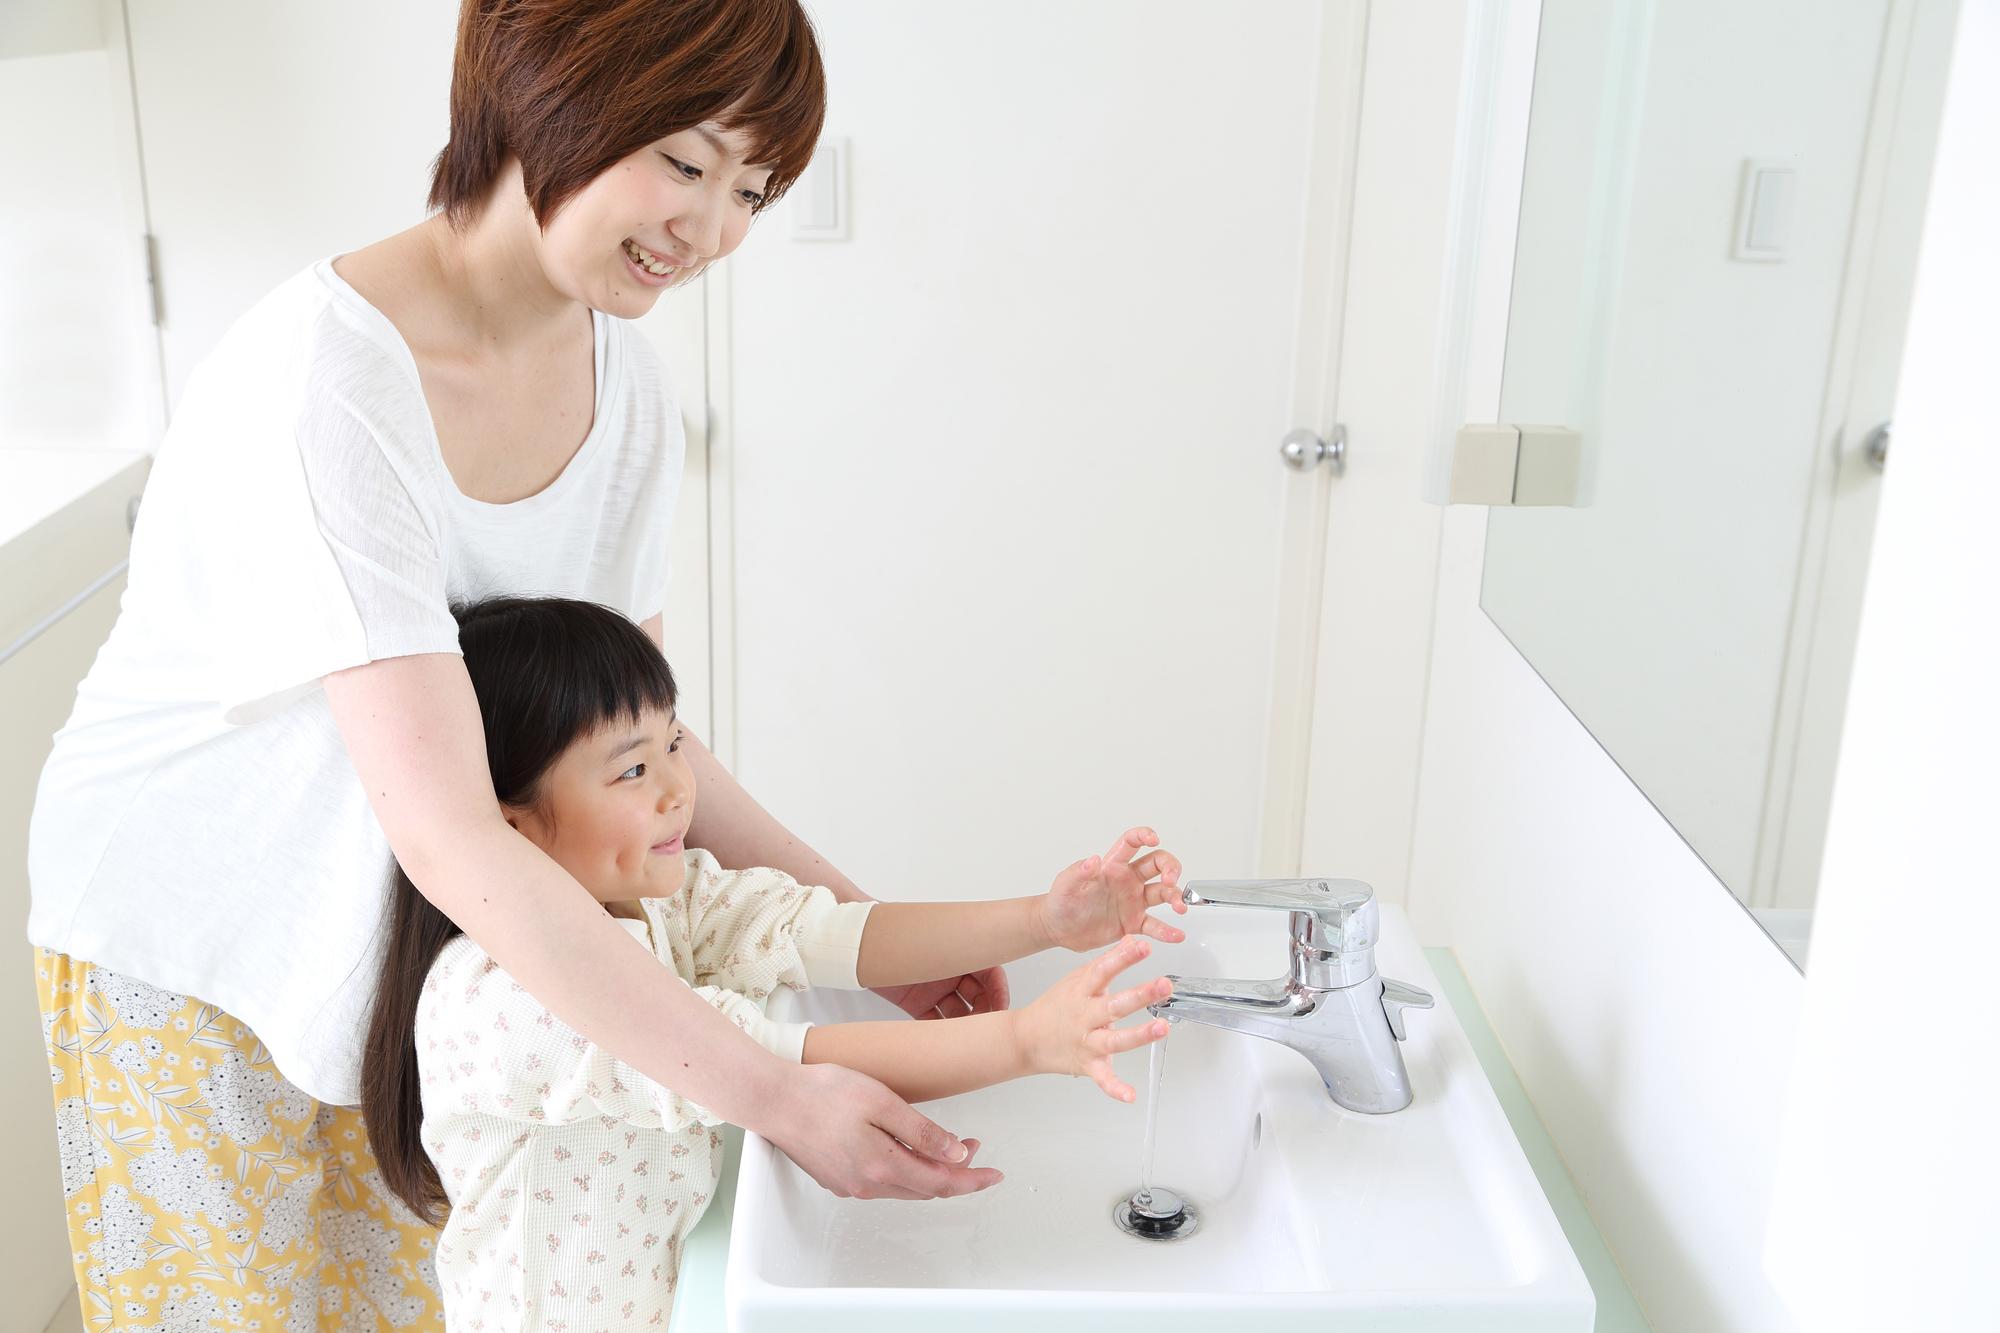 家族がノロウイルスにかかったら!?<br>家庭内感染を防ぐ、対処法まとめ